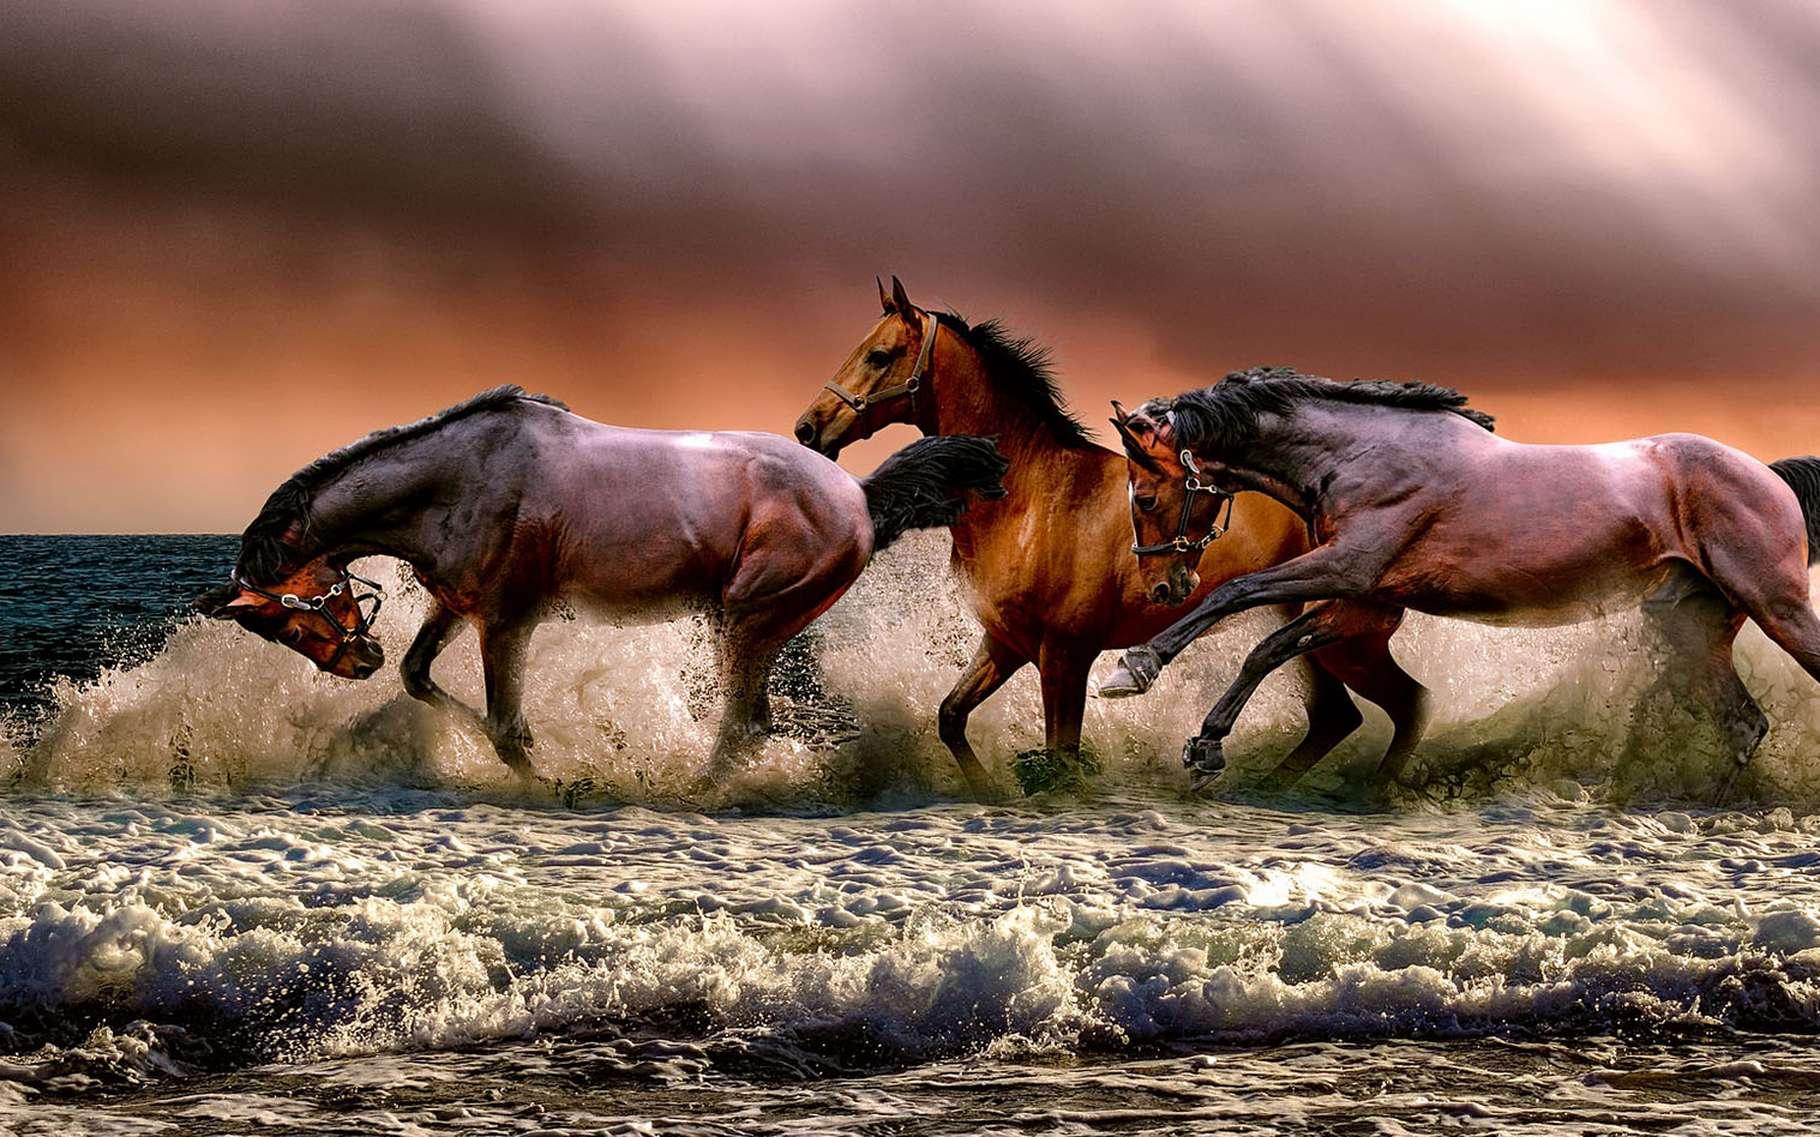 Comment partager un troupeau de chevaux en suivant les dernières volontés d'un défunt. © ATDSPHOTO, Pixabay, DP